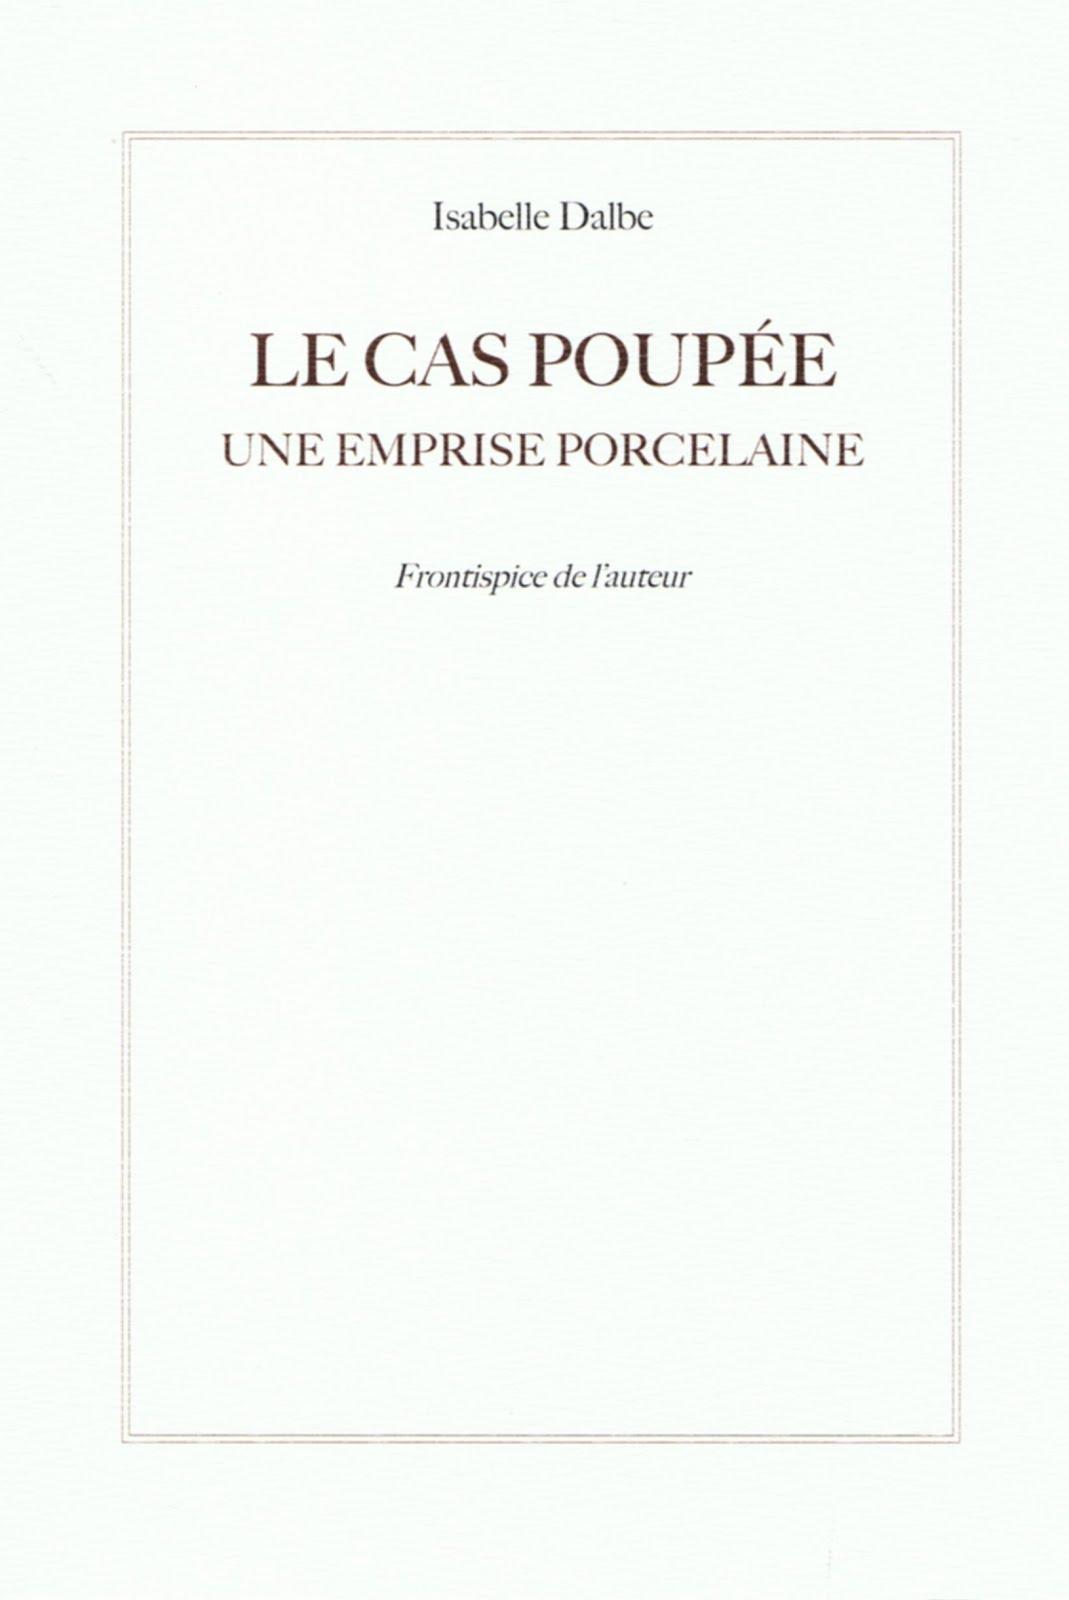 ISABELLE DALBE, LE CAS POUPÉE, UNE EMPRISE PORCELAINE, FRONTISPICE DE L'AUTEUR, COLLECTION L'UMBO